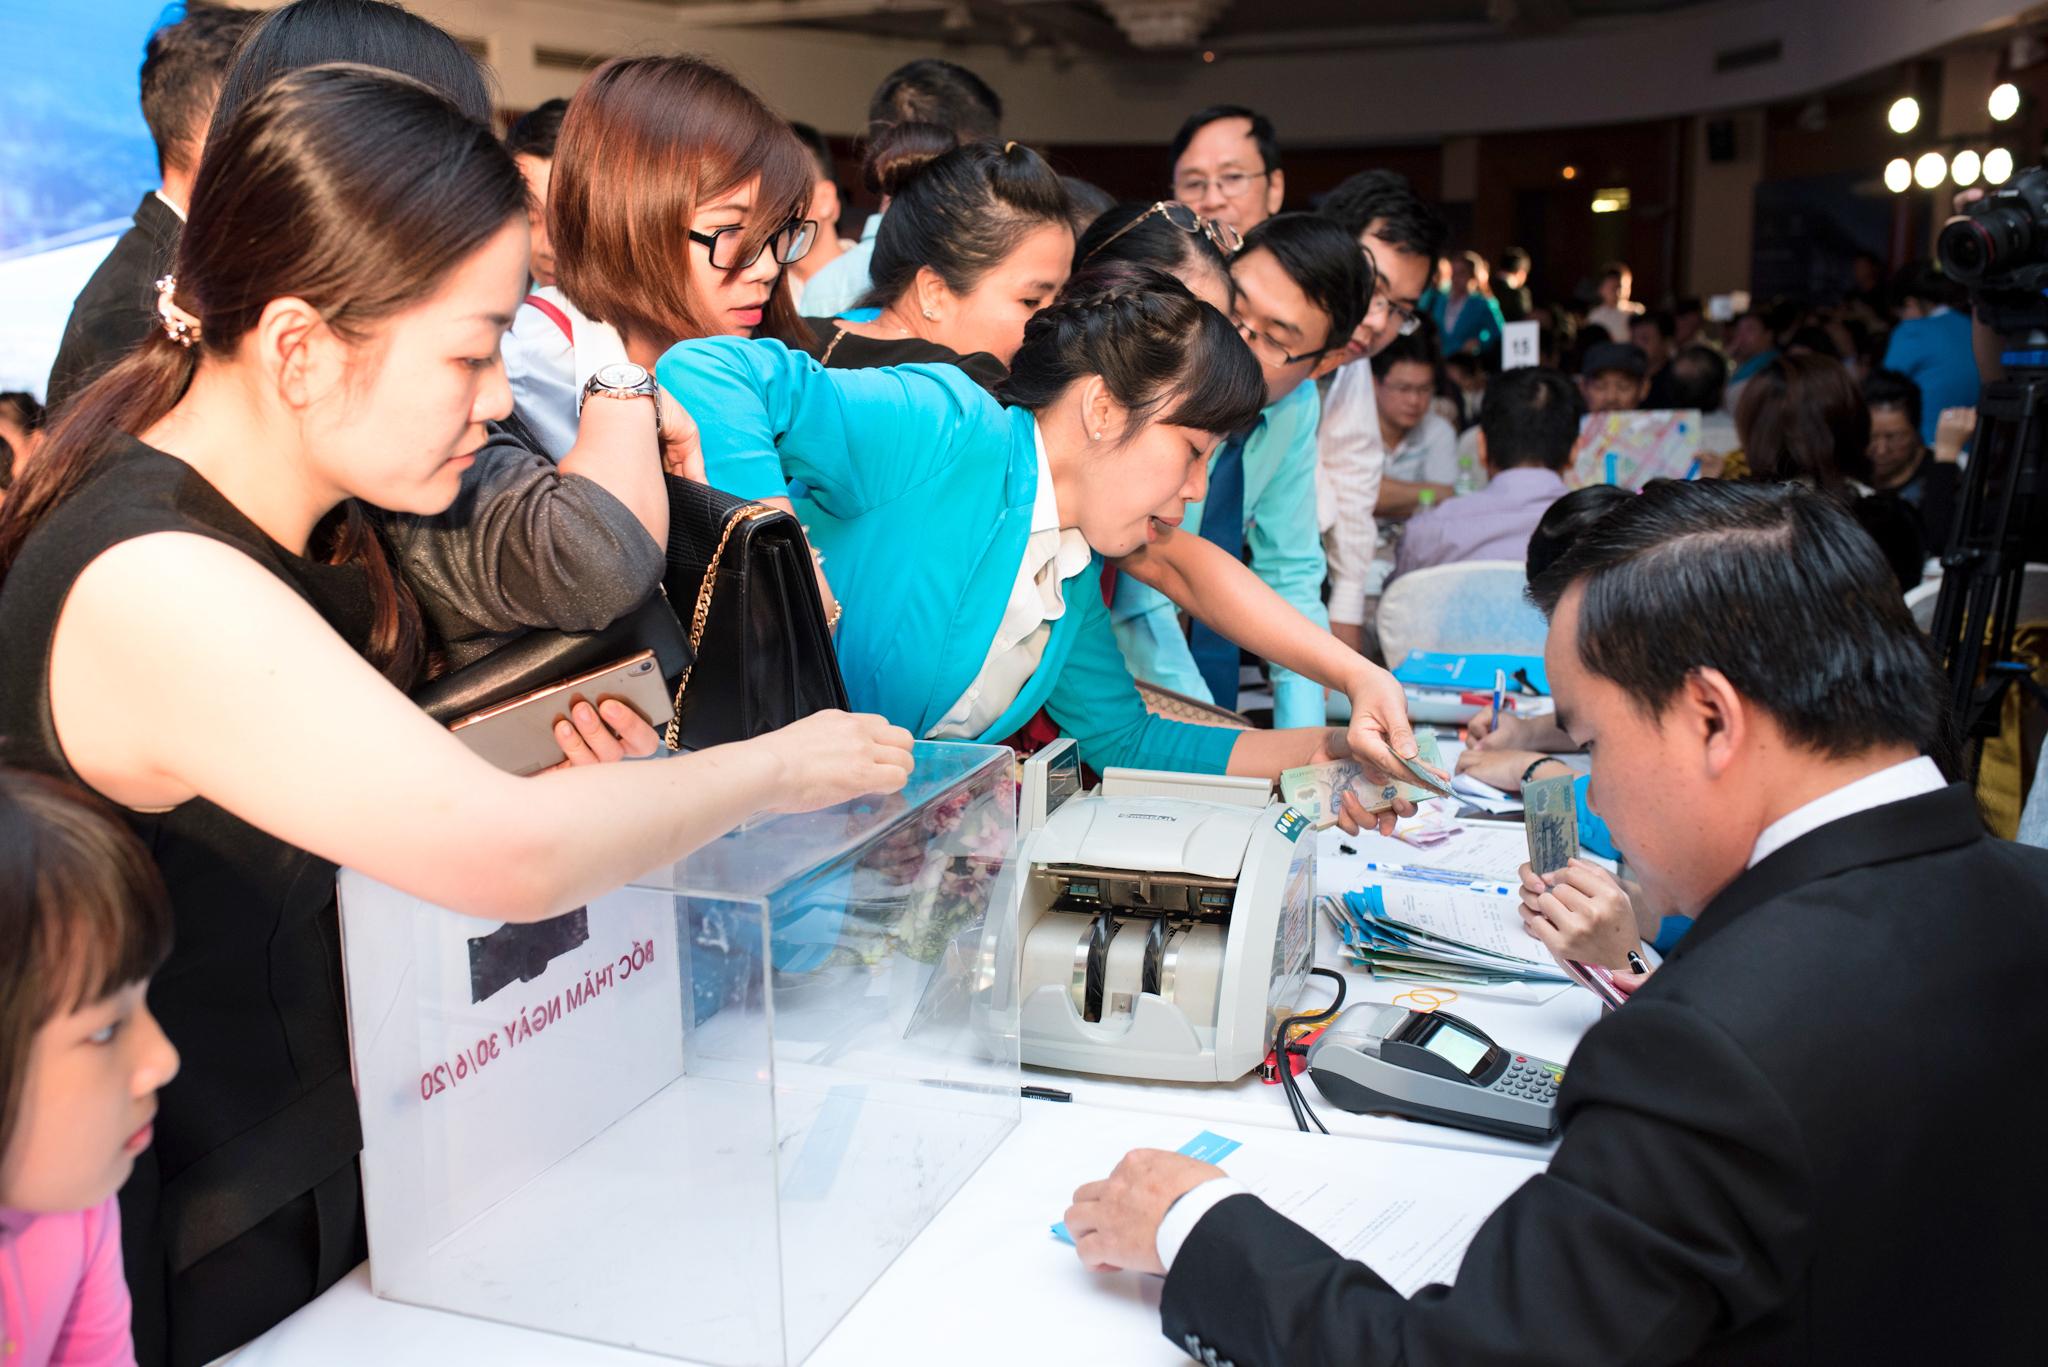 Khách hàng tìm hiểu dự án tại Hội nghị cơ hội đầu tư BĐS Đà Nẵng – Hội An do DXMT tổ chức tại KS Hilton - Hà Nội ngày 22/11 vừa qua.